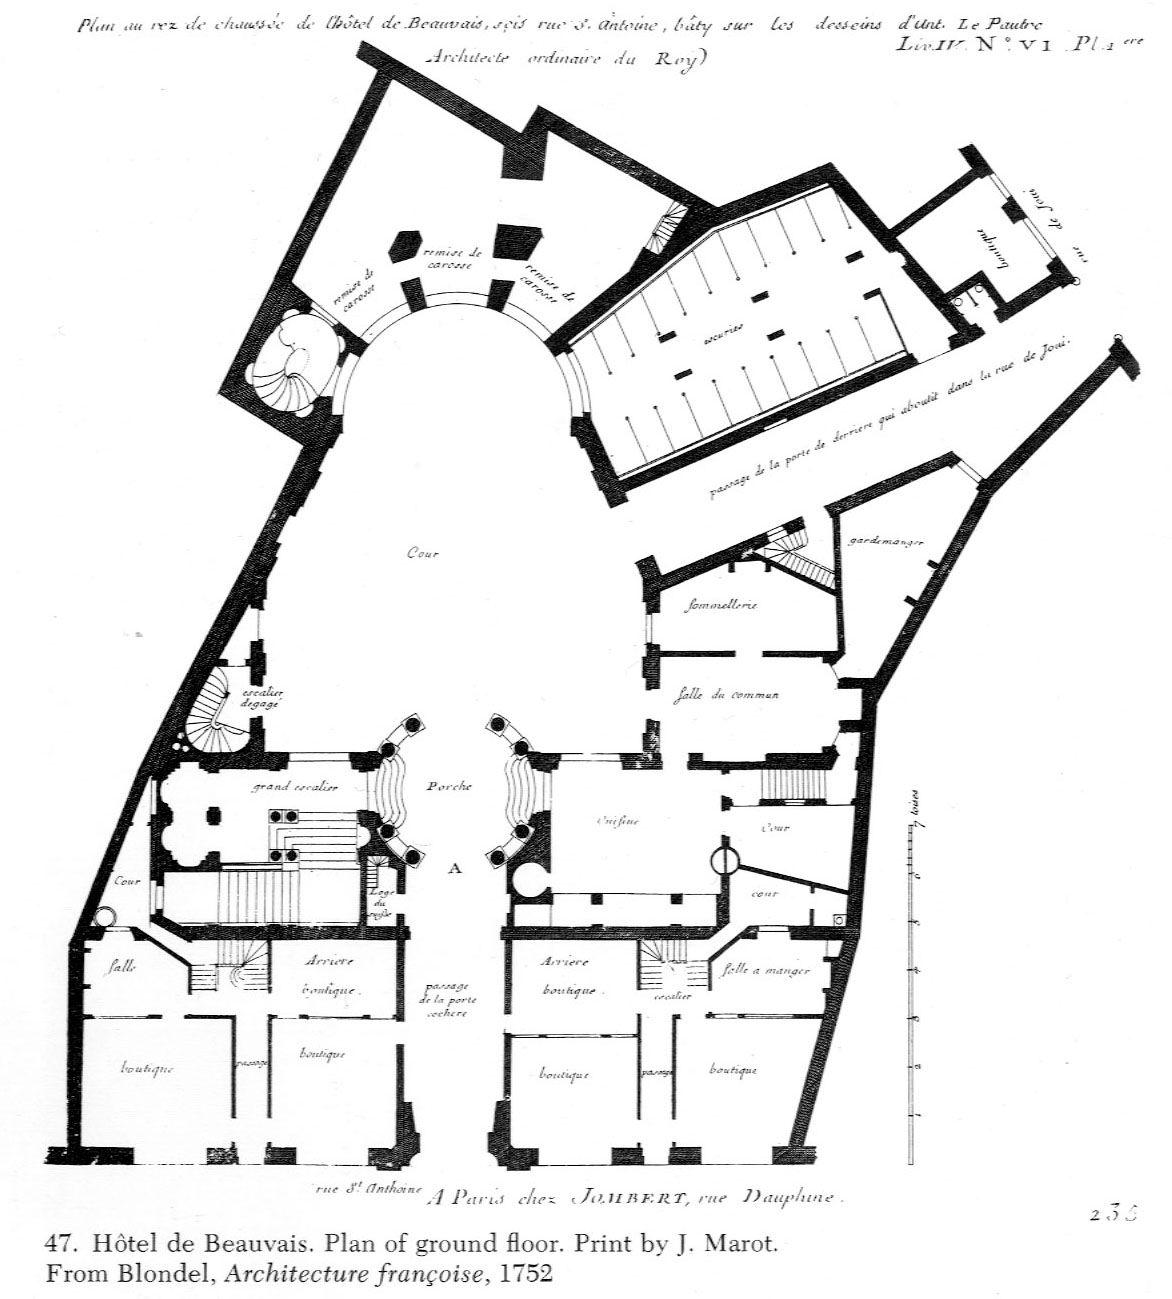 Hotel De Beauvais Paris From Blondel Architecture Française 1752